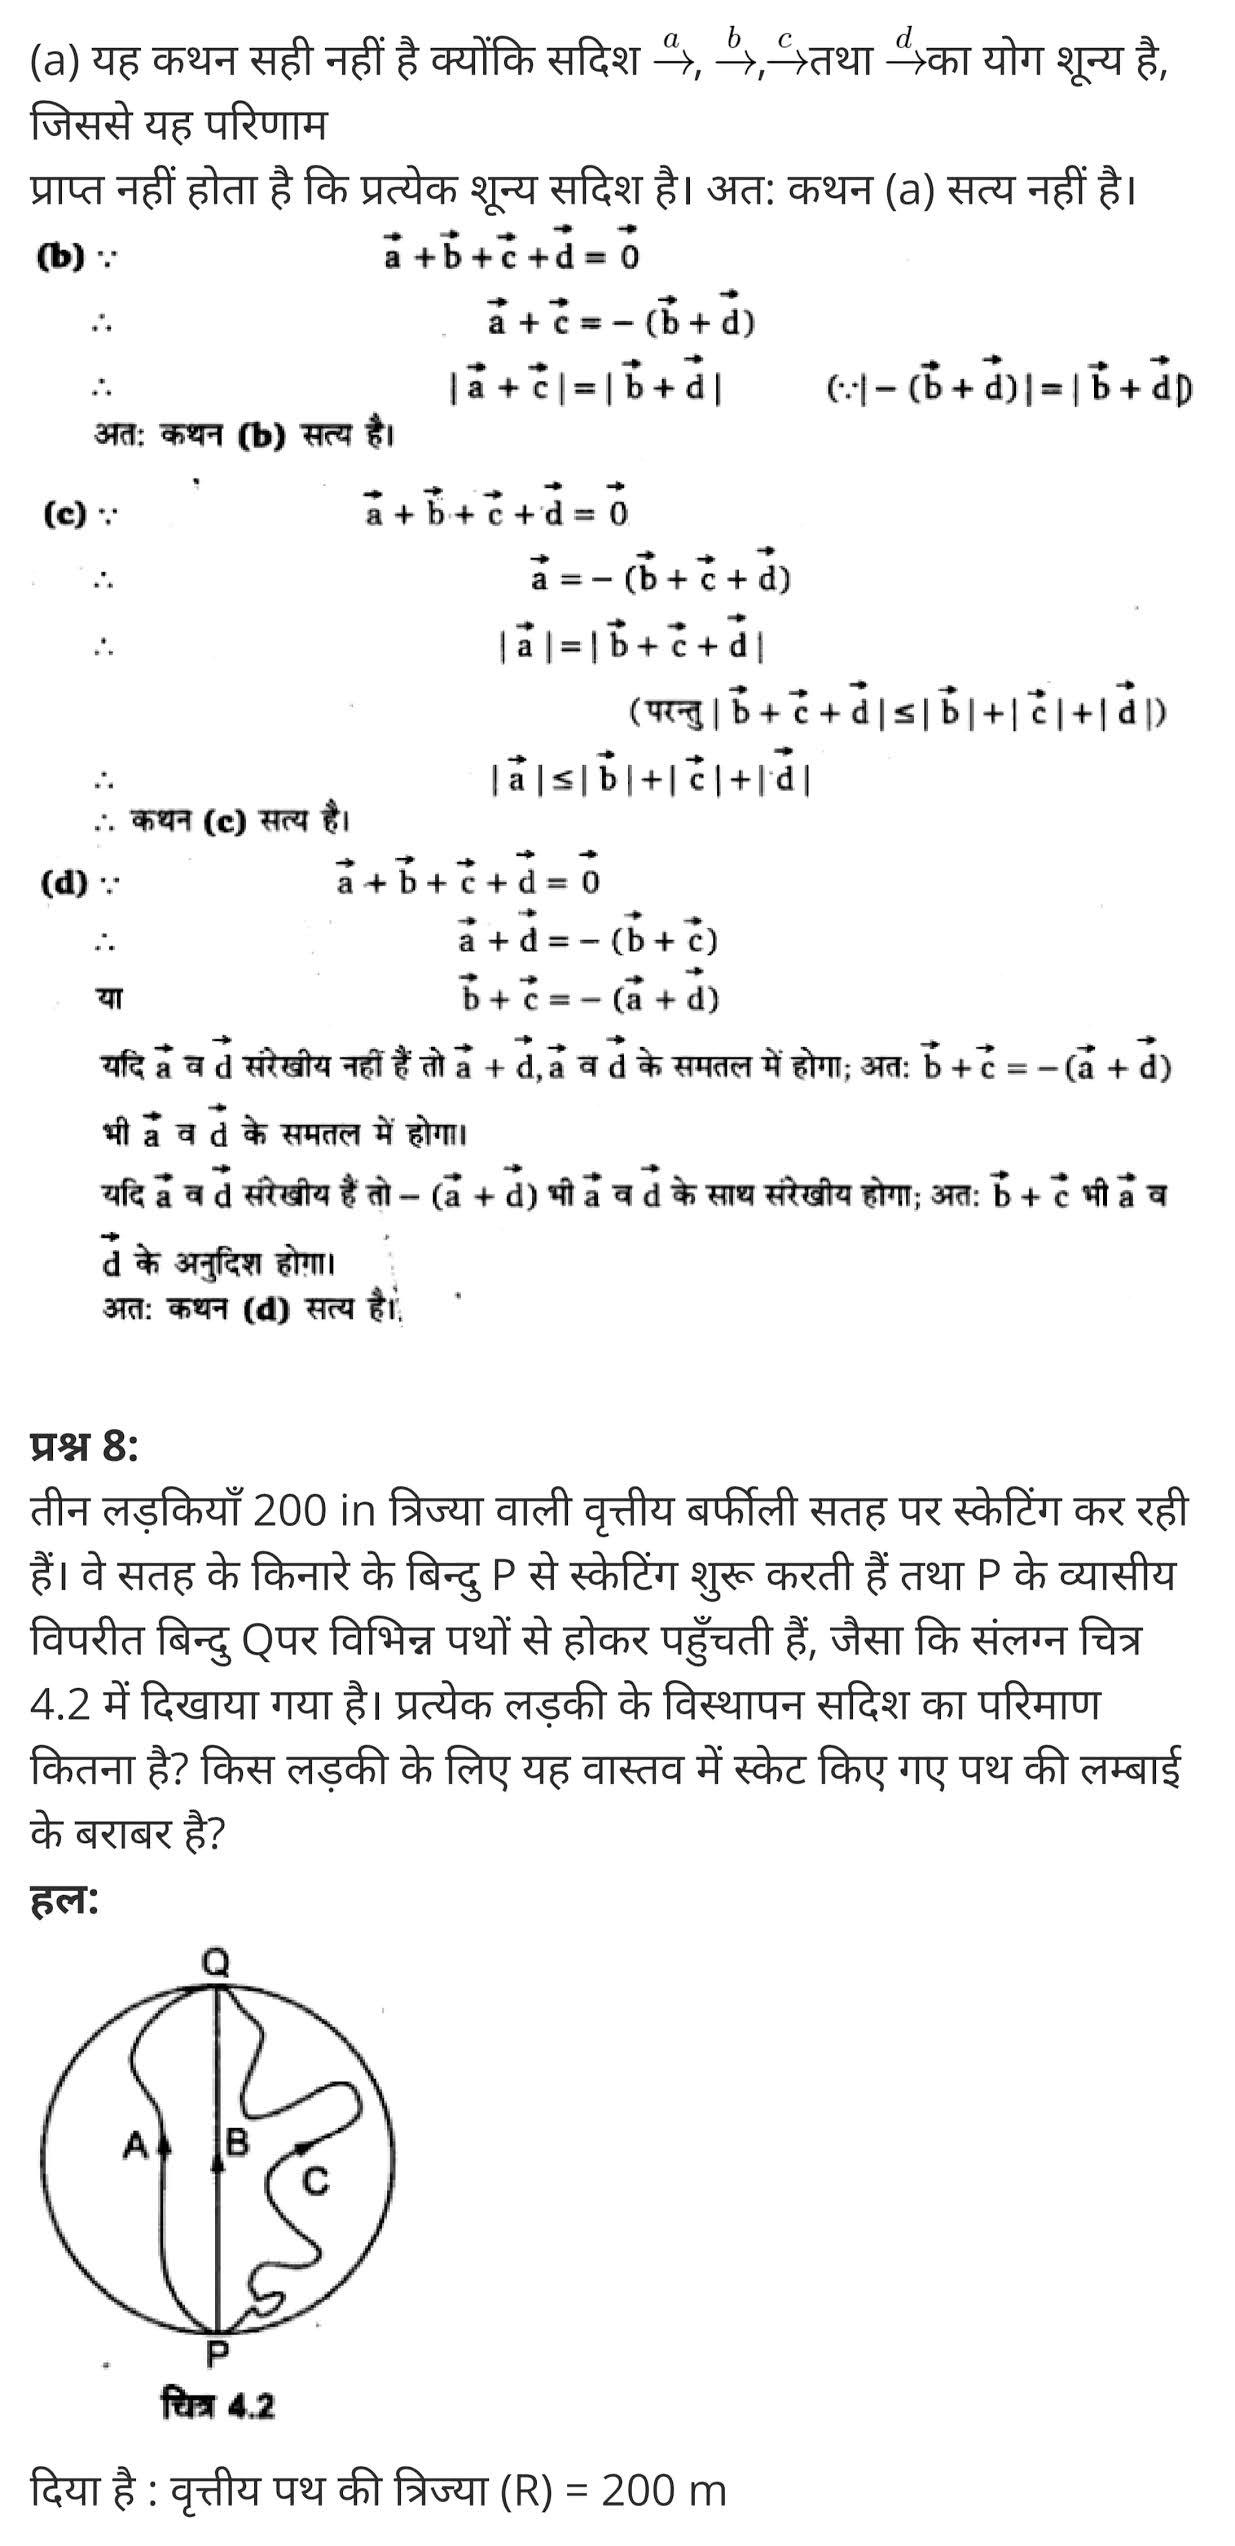 Motion in a plane,  ppt on motion in a plane class 11, motion in a plane physics wallah,  motion in a plane notes class 11, motion in a plane formulas,  motion in a plane class 11 solved problems,  motion in a plane ncert,  motion in a plane topics,  समतल में गति,  समतल,  समतल में गति के न्यूमेरिकल,  समतल गति की परिभाषा,  समतल गति किसे कहते हैं,  एक समतल गति को परिभाषित कीजिए,  प्रक्षेप्य गति के प्रश्न,  समतल सड़क पर कार की गति,  गति एवं समय,   motion in a plane formulas for neet class 11 physics Chapter 4,  class 11 physics chapter 4 ncert solutions in hindi,  class 11 physics chapter 4 notes in hindi,  class 11 physics chapter 4 question answer,  class 11 physics chapter 4 notes,  11 class physics chapter 4 in hindi,  class 11 physics chapter 4 in hindi,  class 11 physics chapter 4 important questions in hindi,  class 11 physics  notes in hindi,   class 11 physics chapter 4 test,  class 11 physics chapter 4 pdf,  class 11 physics chapter 4 notes pdf,  class 11 physics chapter 4 exercise solutions,  class 11 physics chapter 4, class 11 physics chapter 4 notes study rankers,  class 11 physics chapter 4 notes,  class 11 physics notes,   physics  class 11 notes pdf,  physics class 11 notes 2021 ncert,  physics class 11 pdf,  physics  book,  physics quiz class 11,   11th physics  book up board,  up board 11th physics notes,   कक्षा 11 भौतिक विज्ञान अध्याय 4,  कक्षा 11 भौतिक विज्ञान का अध्याय 4 ncert solution in hindi,  कक्षा 11 भौतिक विज्ञान के अध्याय 4 के नोट्स हिंदी में,  कक्षा 11 का भौतिक विज्ञान अध्याय 4 का प्रश्न उत्तर,  कक्षा 11 भौतिक विज्ञान अध्याय 4 के नोट्स,  11 कक्षा भौतिक विज्ञान अध्याय 4 हिंदी में,  कक्षा 11 भौतिक विज्ञान अध्याय 4 हिंदी में,  कक्षा 11 भौतिक विज्ञान अध्याय 4 महत्वपूर्ण प्रश्न हिंदी में,  कक्षा 11 के भौतिक विज्ञान के नोट्स हिंदी में,  भौतिक विज्ञान कक्षा 11 नोट्स pdf,  भौतिक विज्ञान कक्षा 11 नोट्स 2021 ncert,  भौतिक विज्ञान कक्षा 11 pdf,  भौतिक विज्ञान पुस्तक,  भौतिक विज्ञान की बुक,  भौतिक विज्ञान प्रश्नोत्तरी class 11, 11 वीं भौतिक विज्ञान प